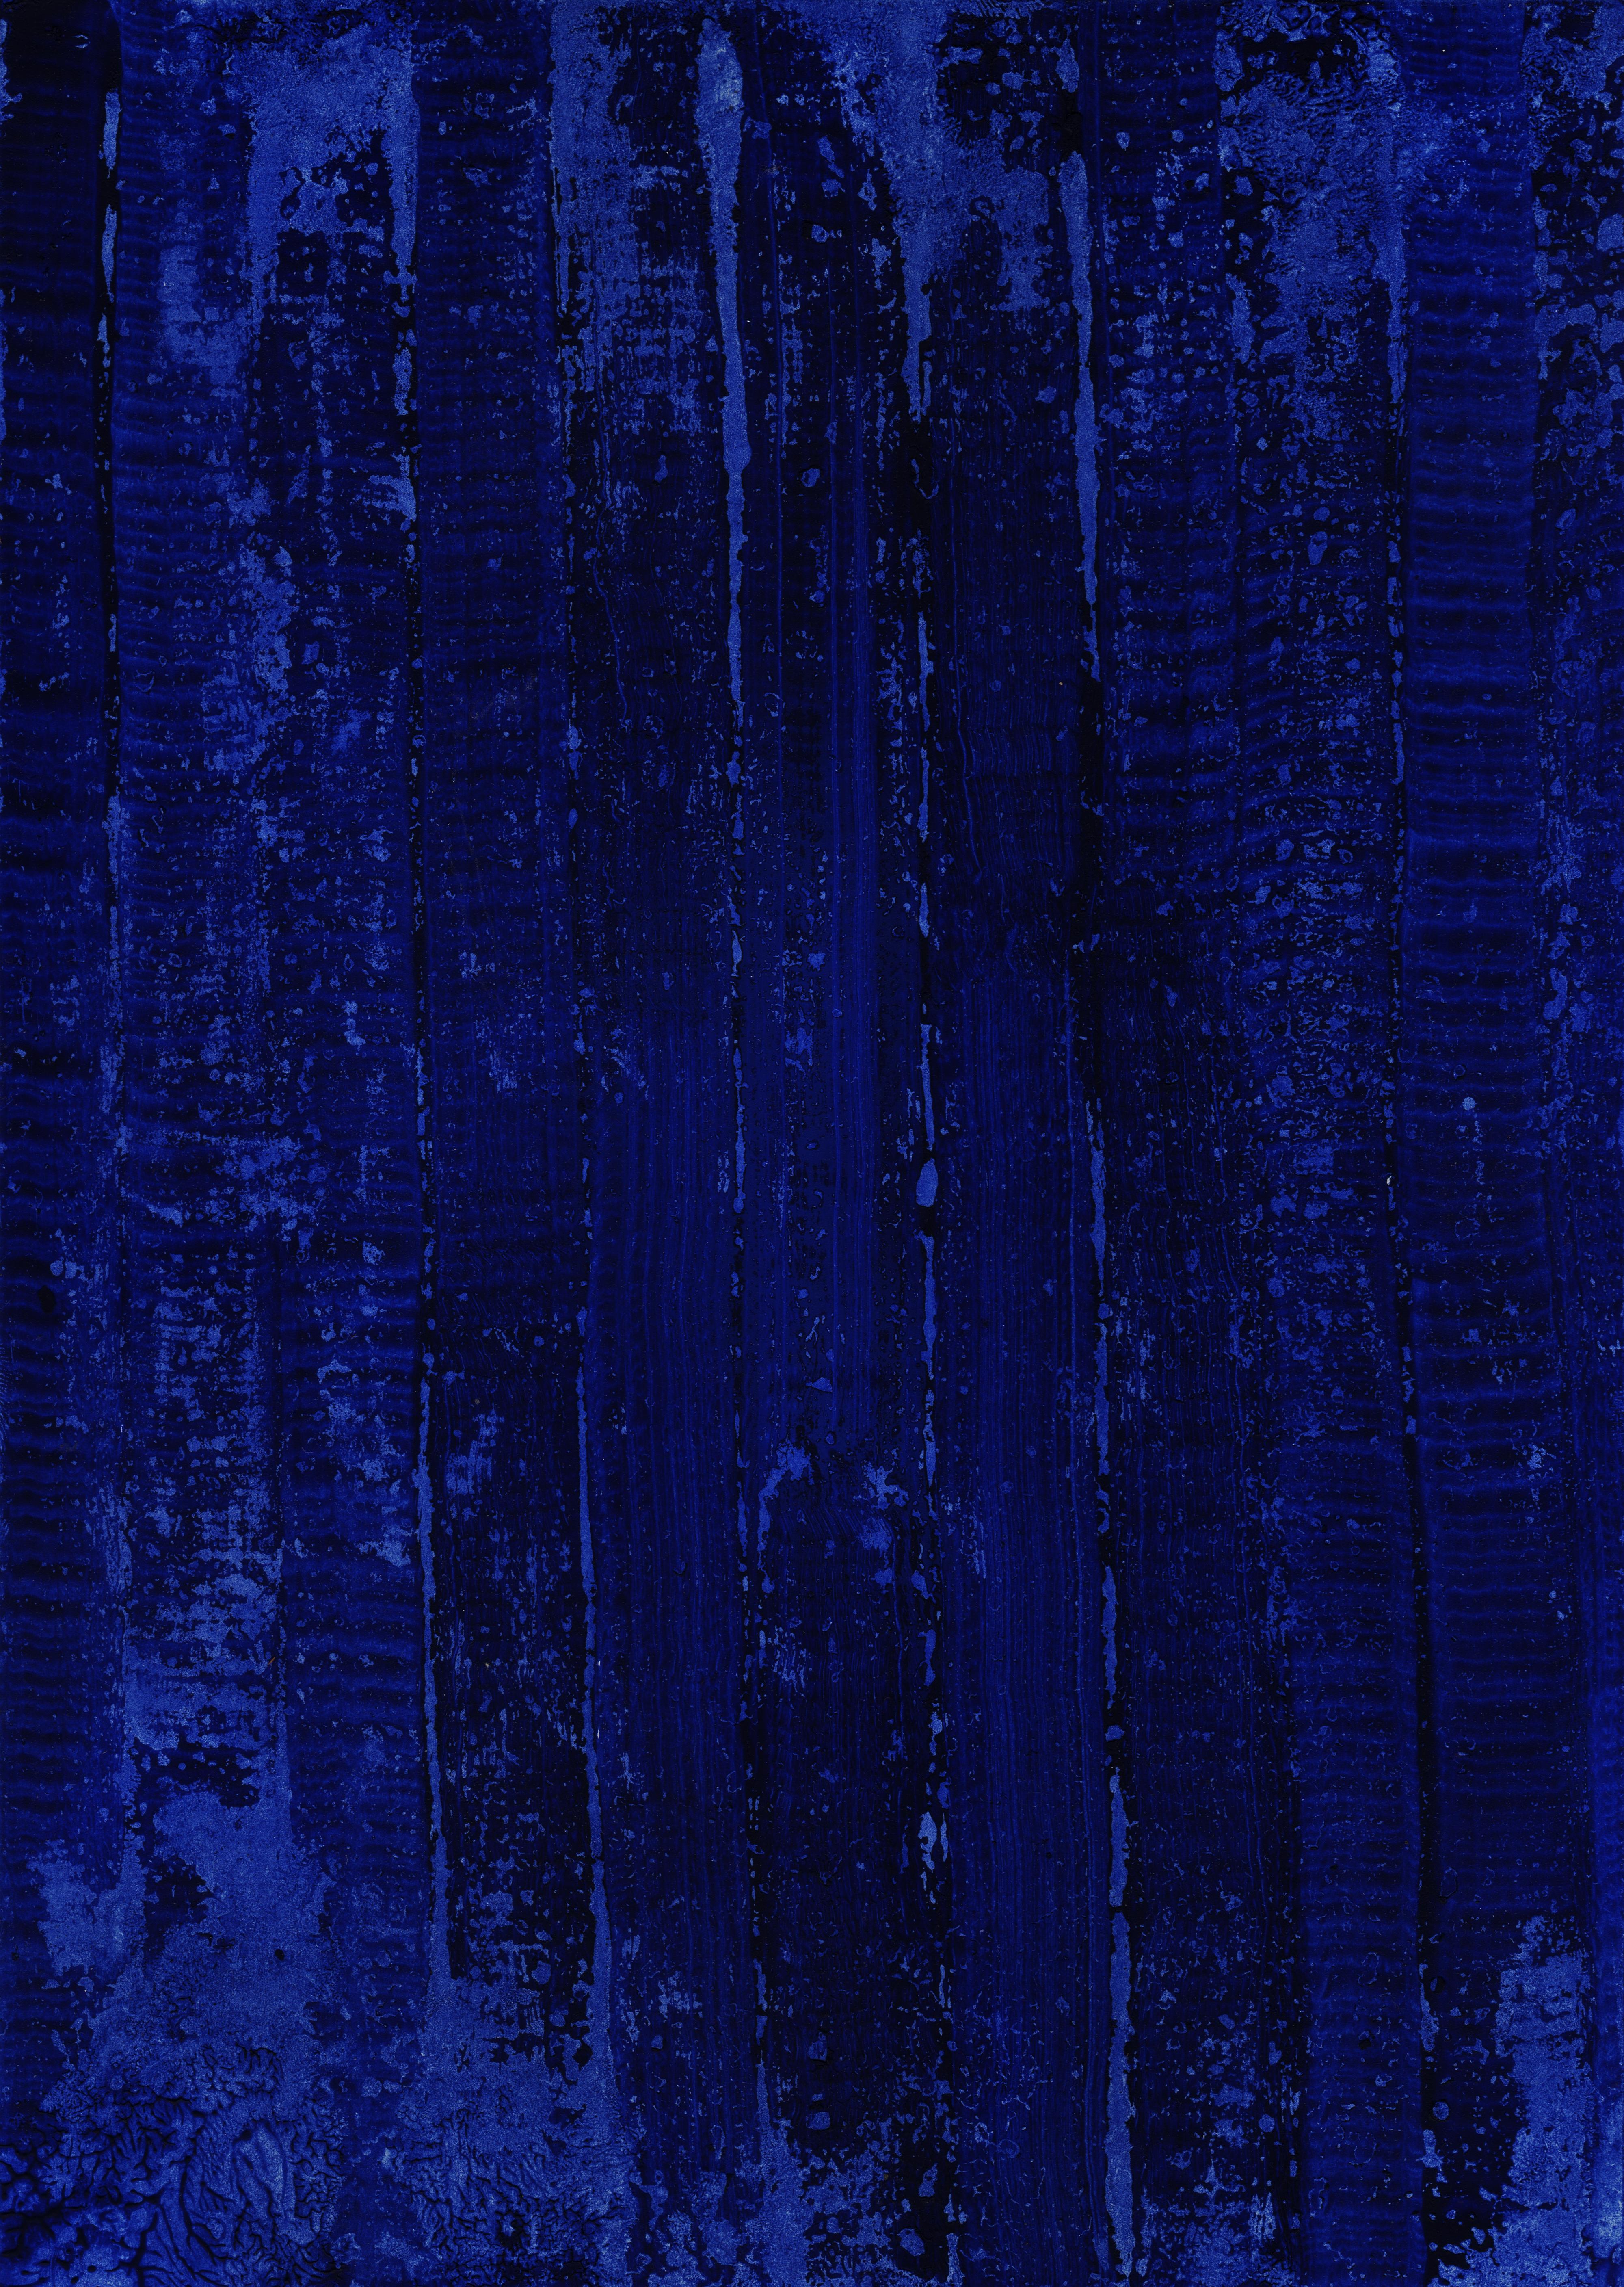 100323 скачать обои Пятна, Текстура, Деревянный, Текстуры, Синий, Краска, Стена - заставки и картинки бесплатно